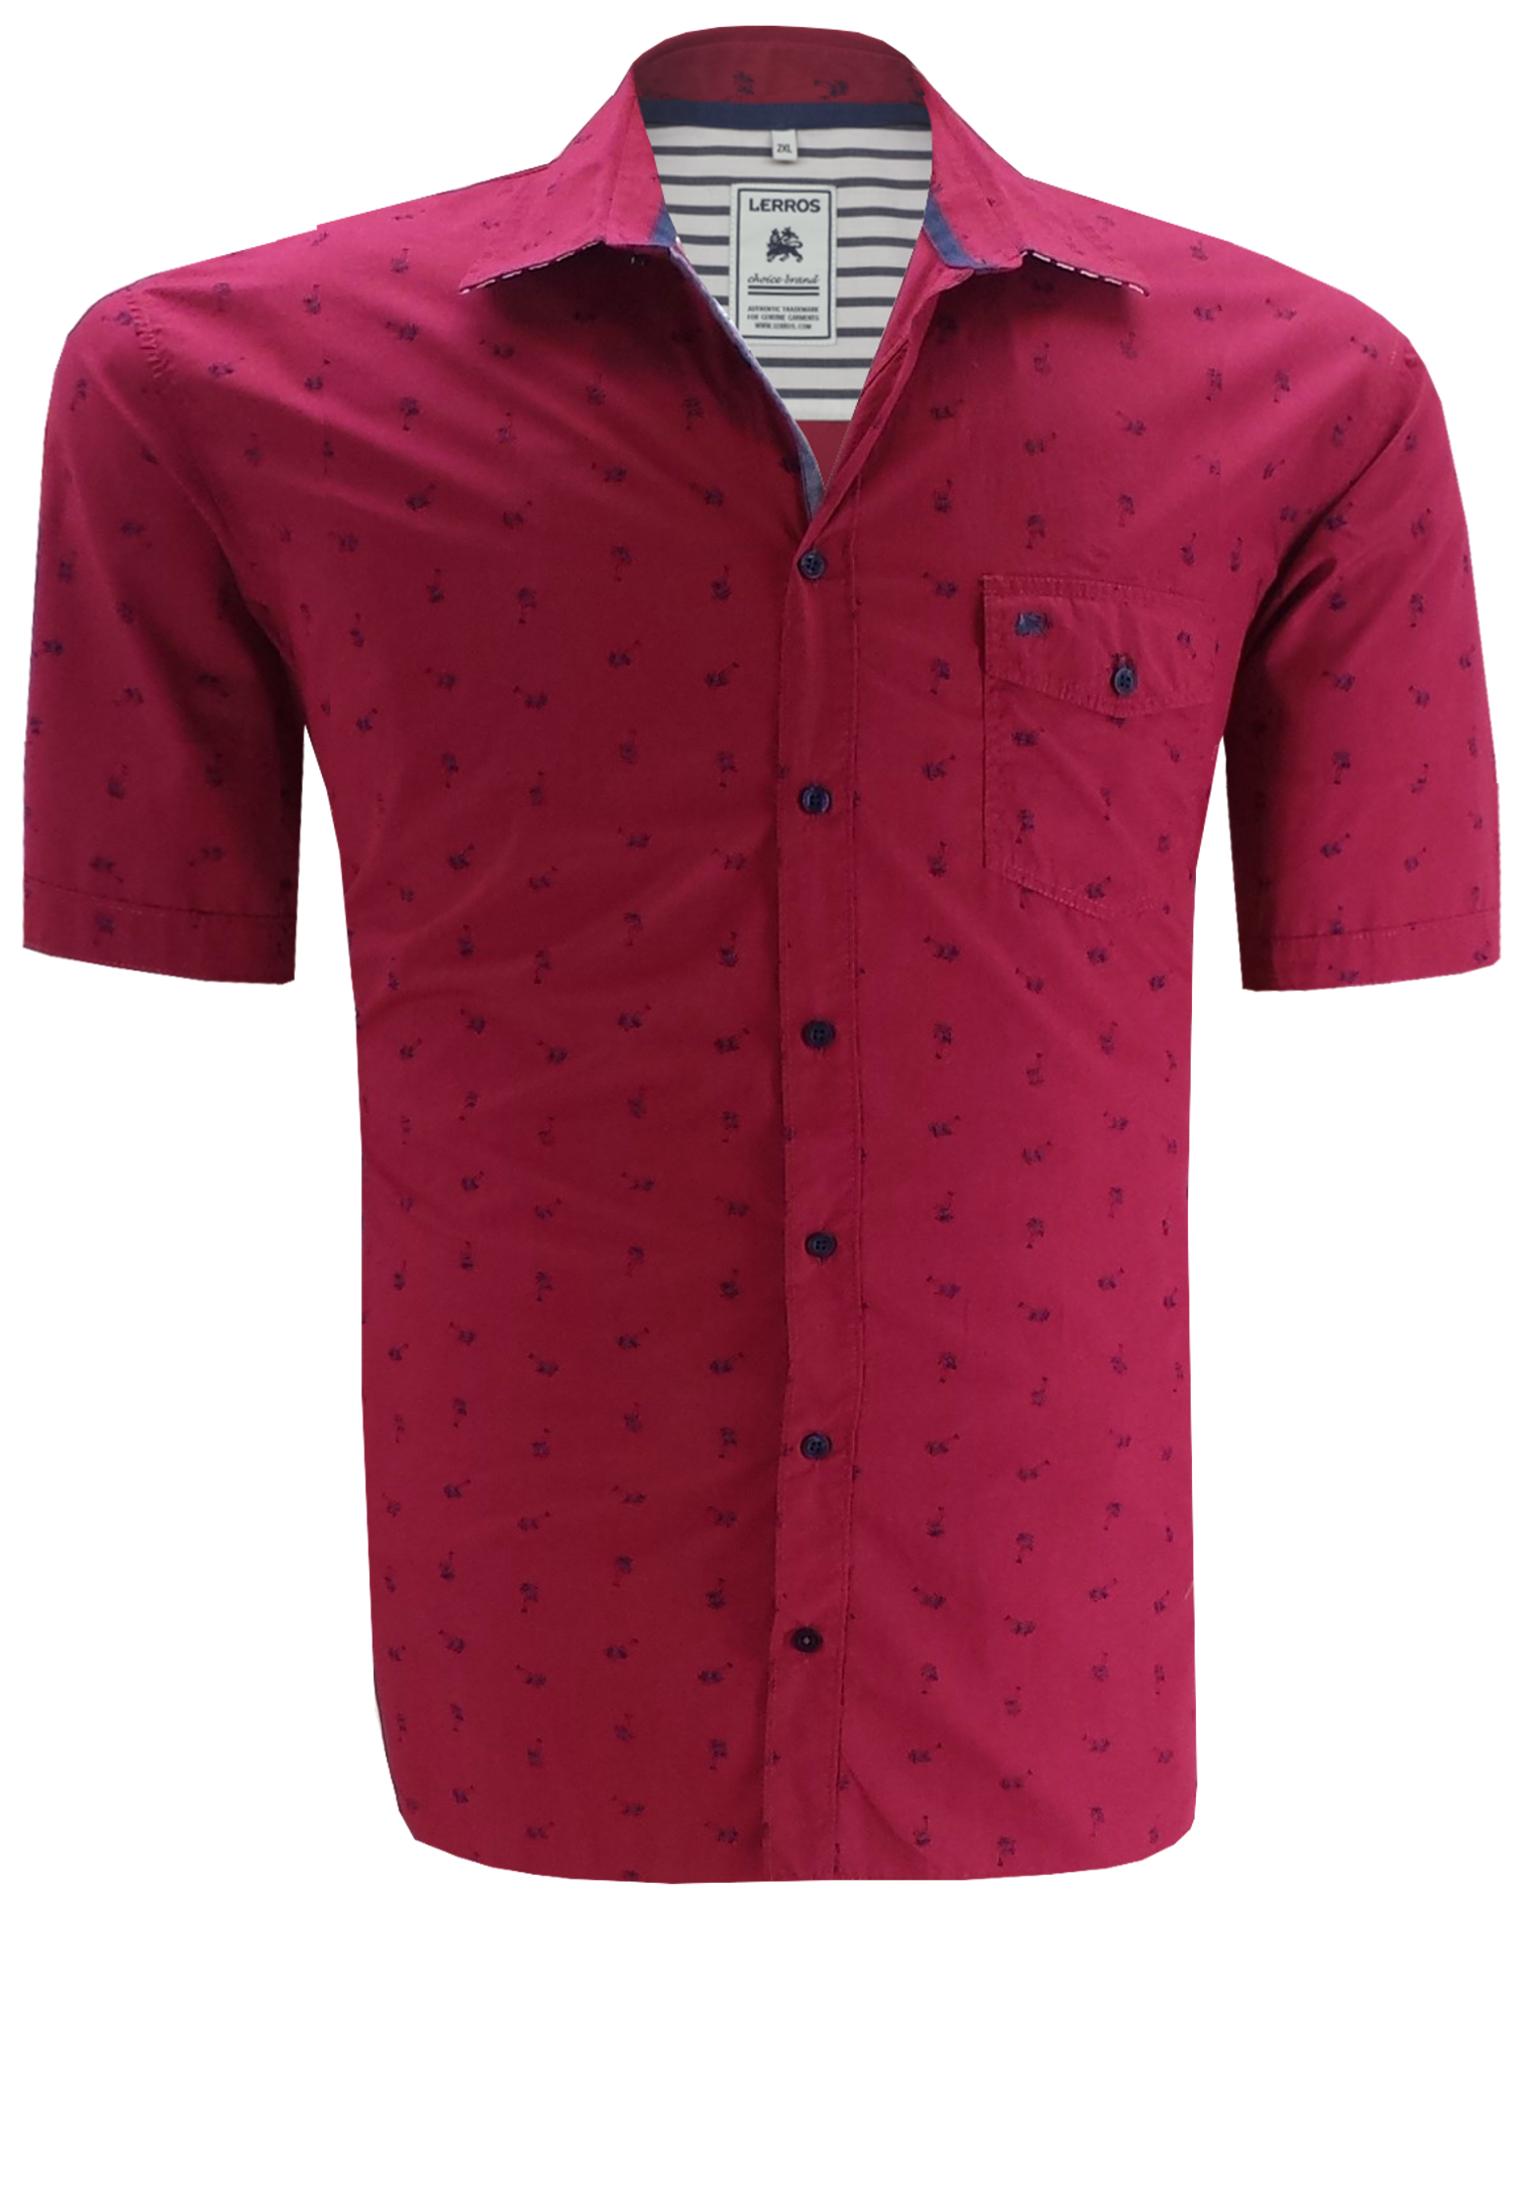 Zomers overhemd met palmbomenmotief, een klassieke kraag, een afsluitbaar borstzakje met merklogo op de linker borst en een stof met contrasterende streep in de schouderpass. Het overhemd is rond afgezoomd.